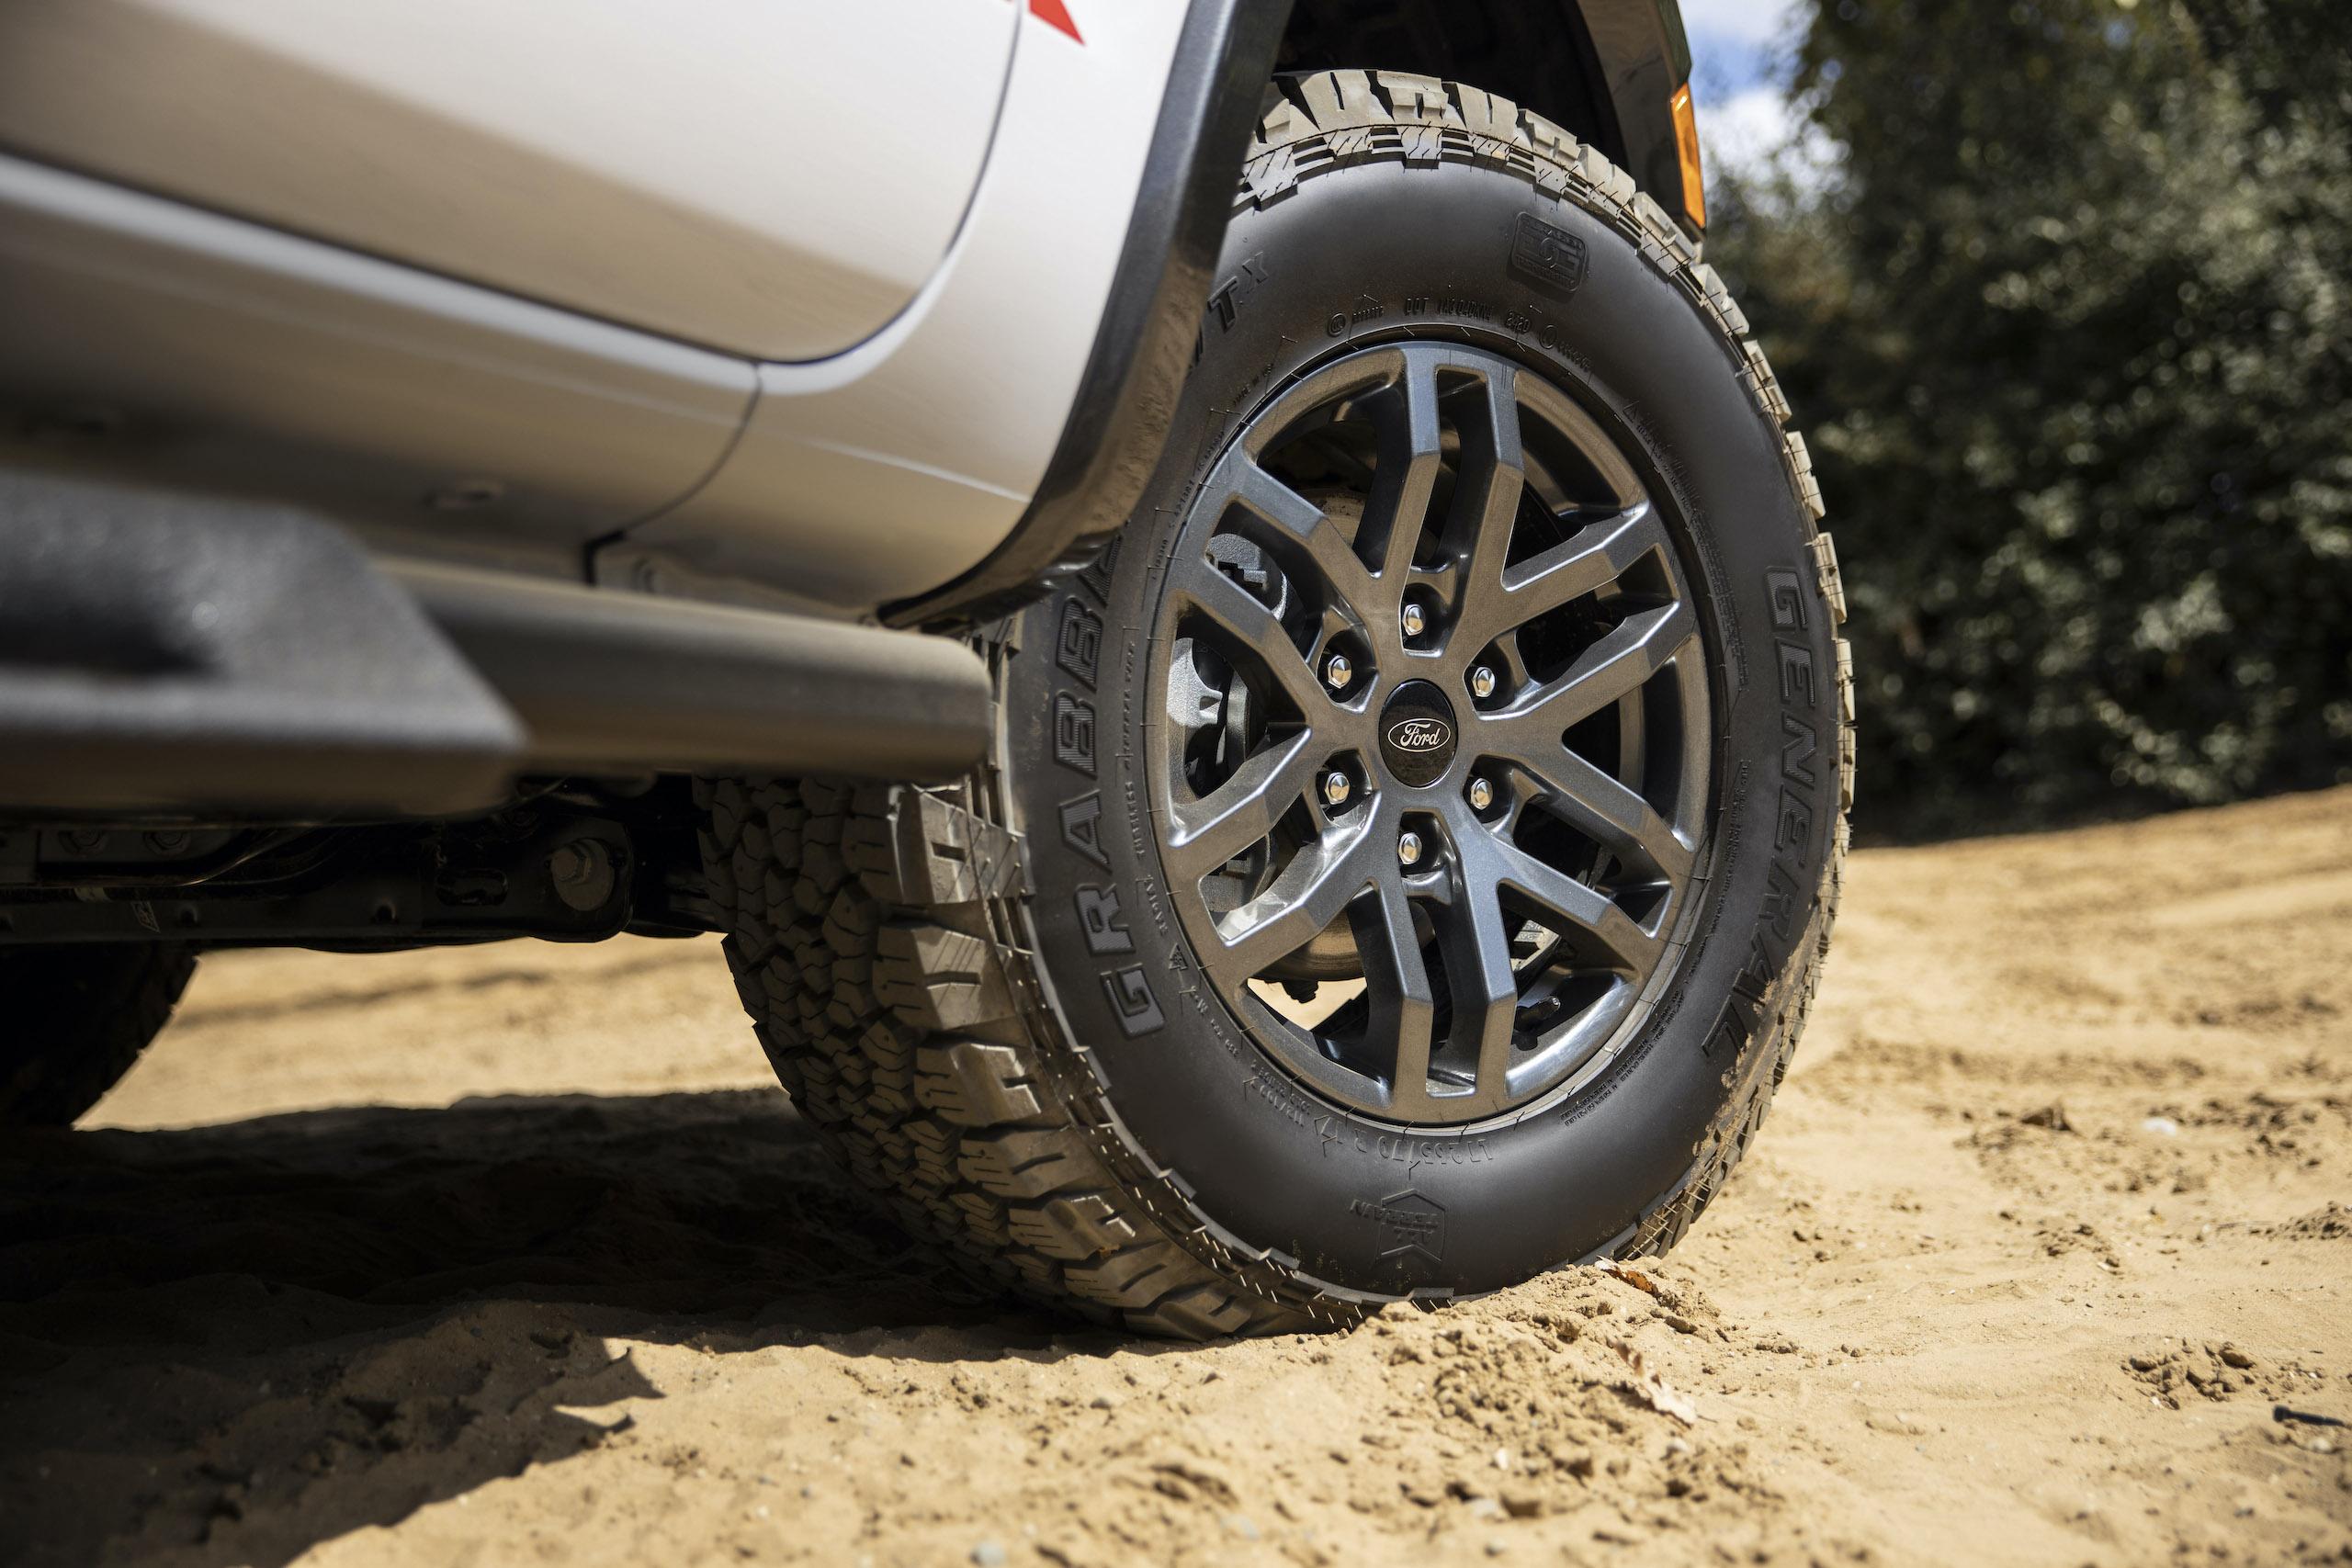 Ranger Tremor XLT front wheel detail